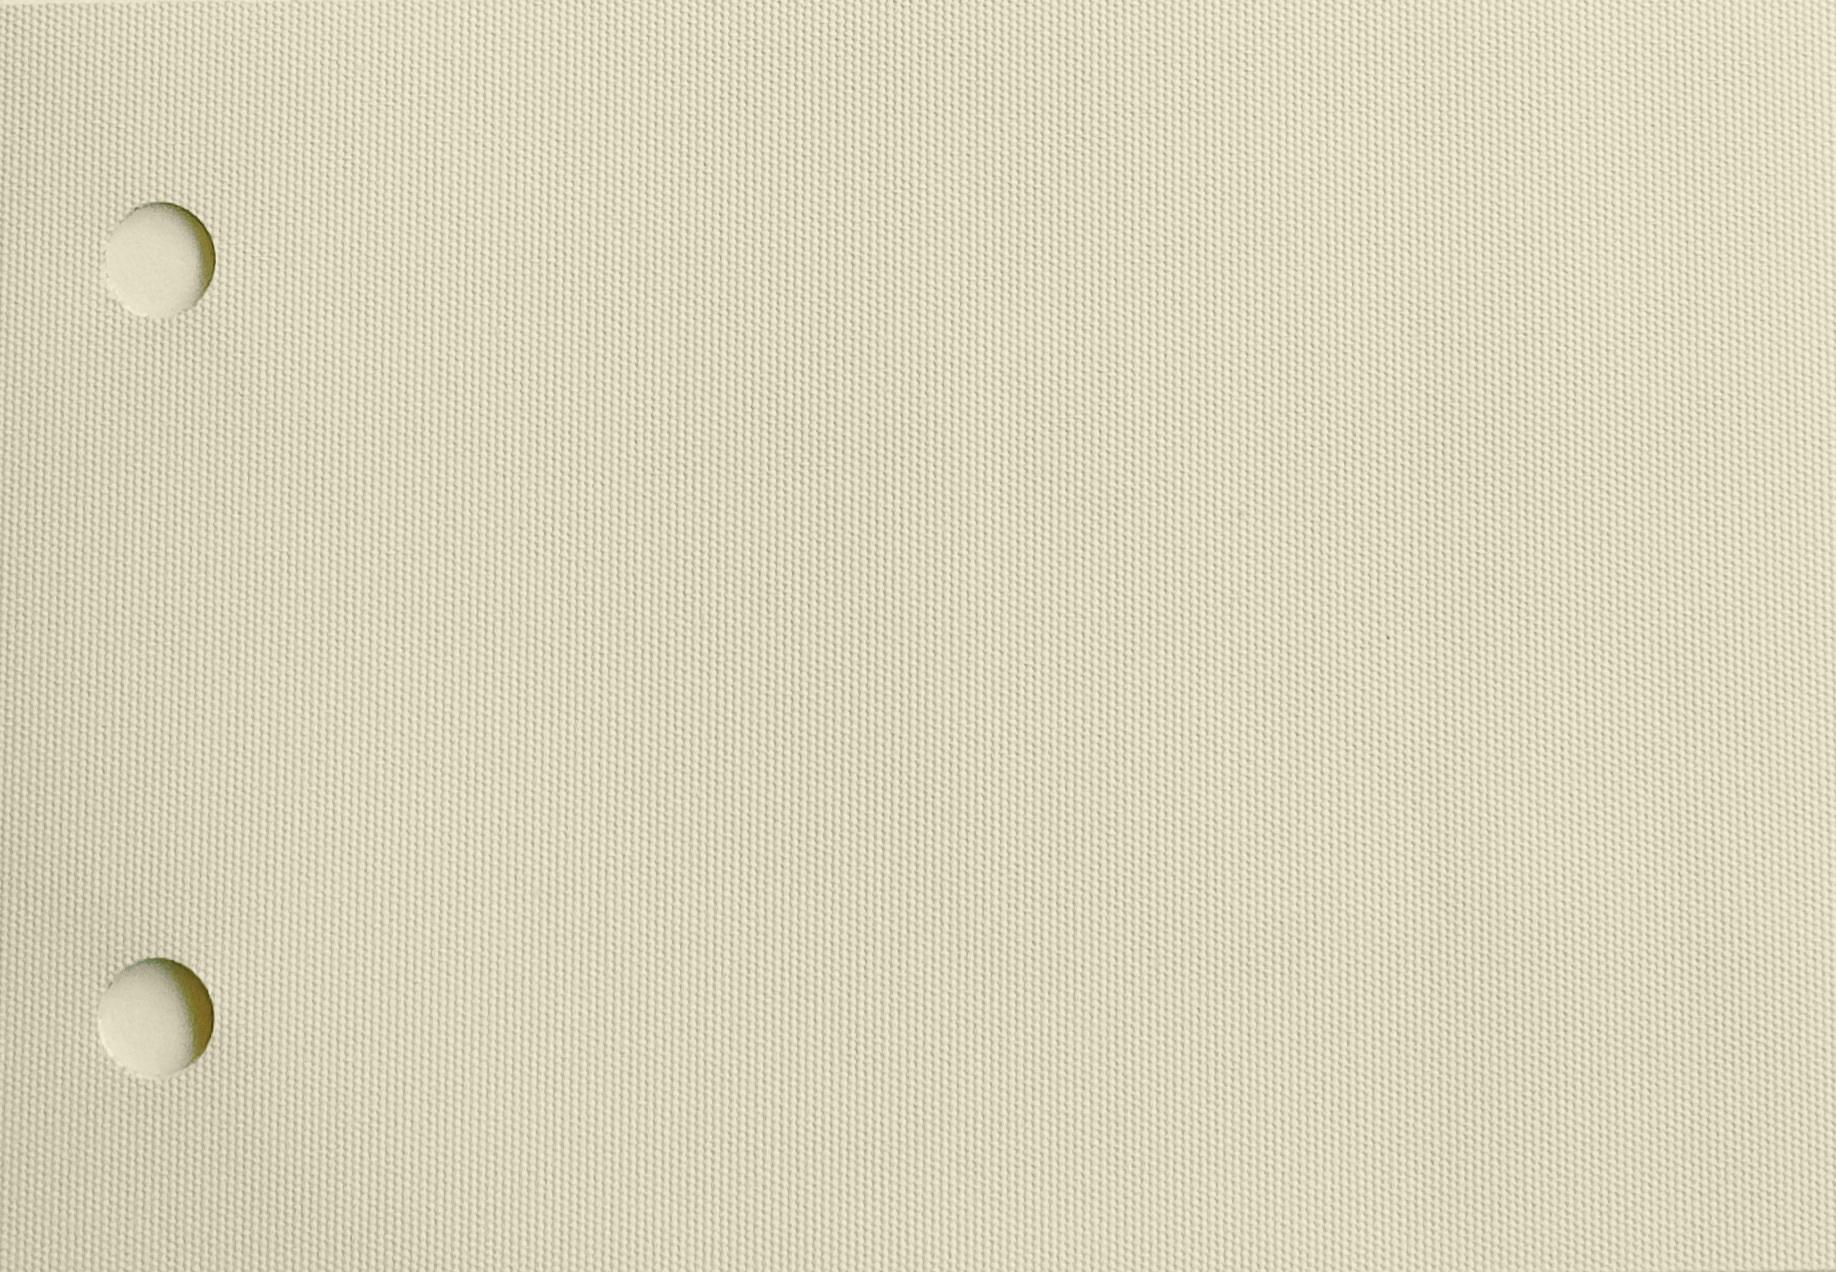 Vitra Beige blind fabric